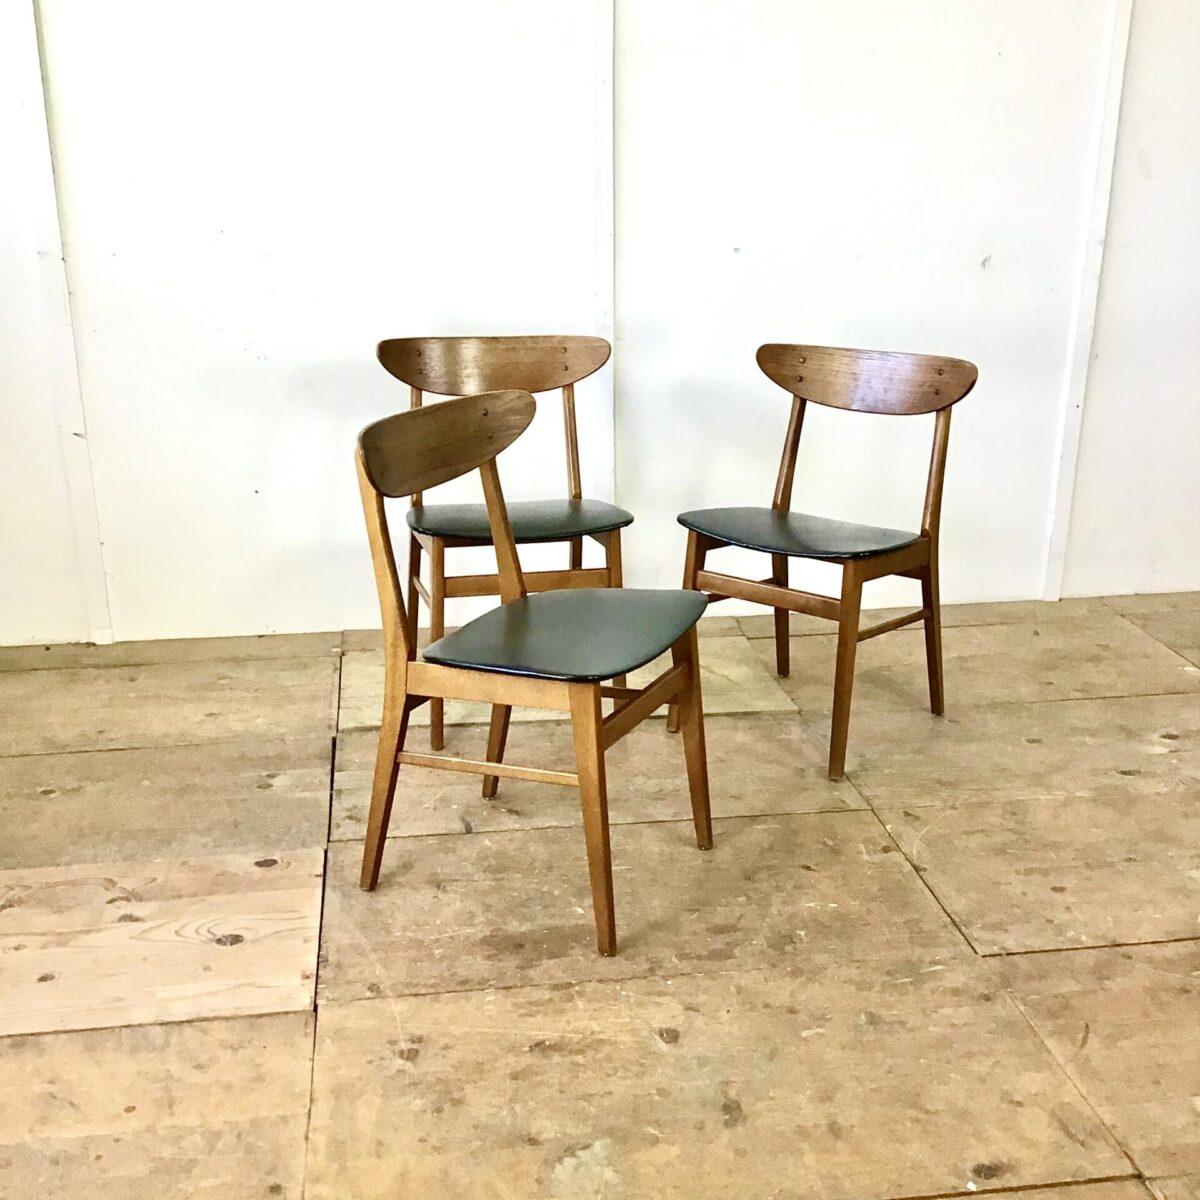 Drei Stühle von Farstrup Denmark. Buchenholz Gestell mit Teak Rückenlehne. Sitzfläche schwarzes Kunstleder.